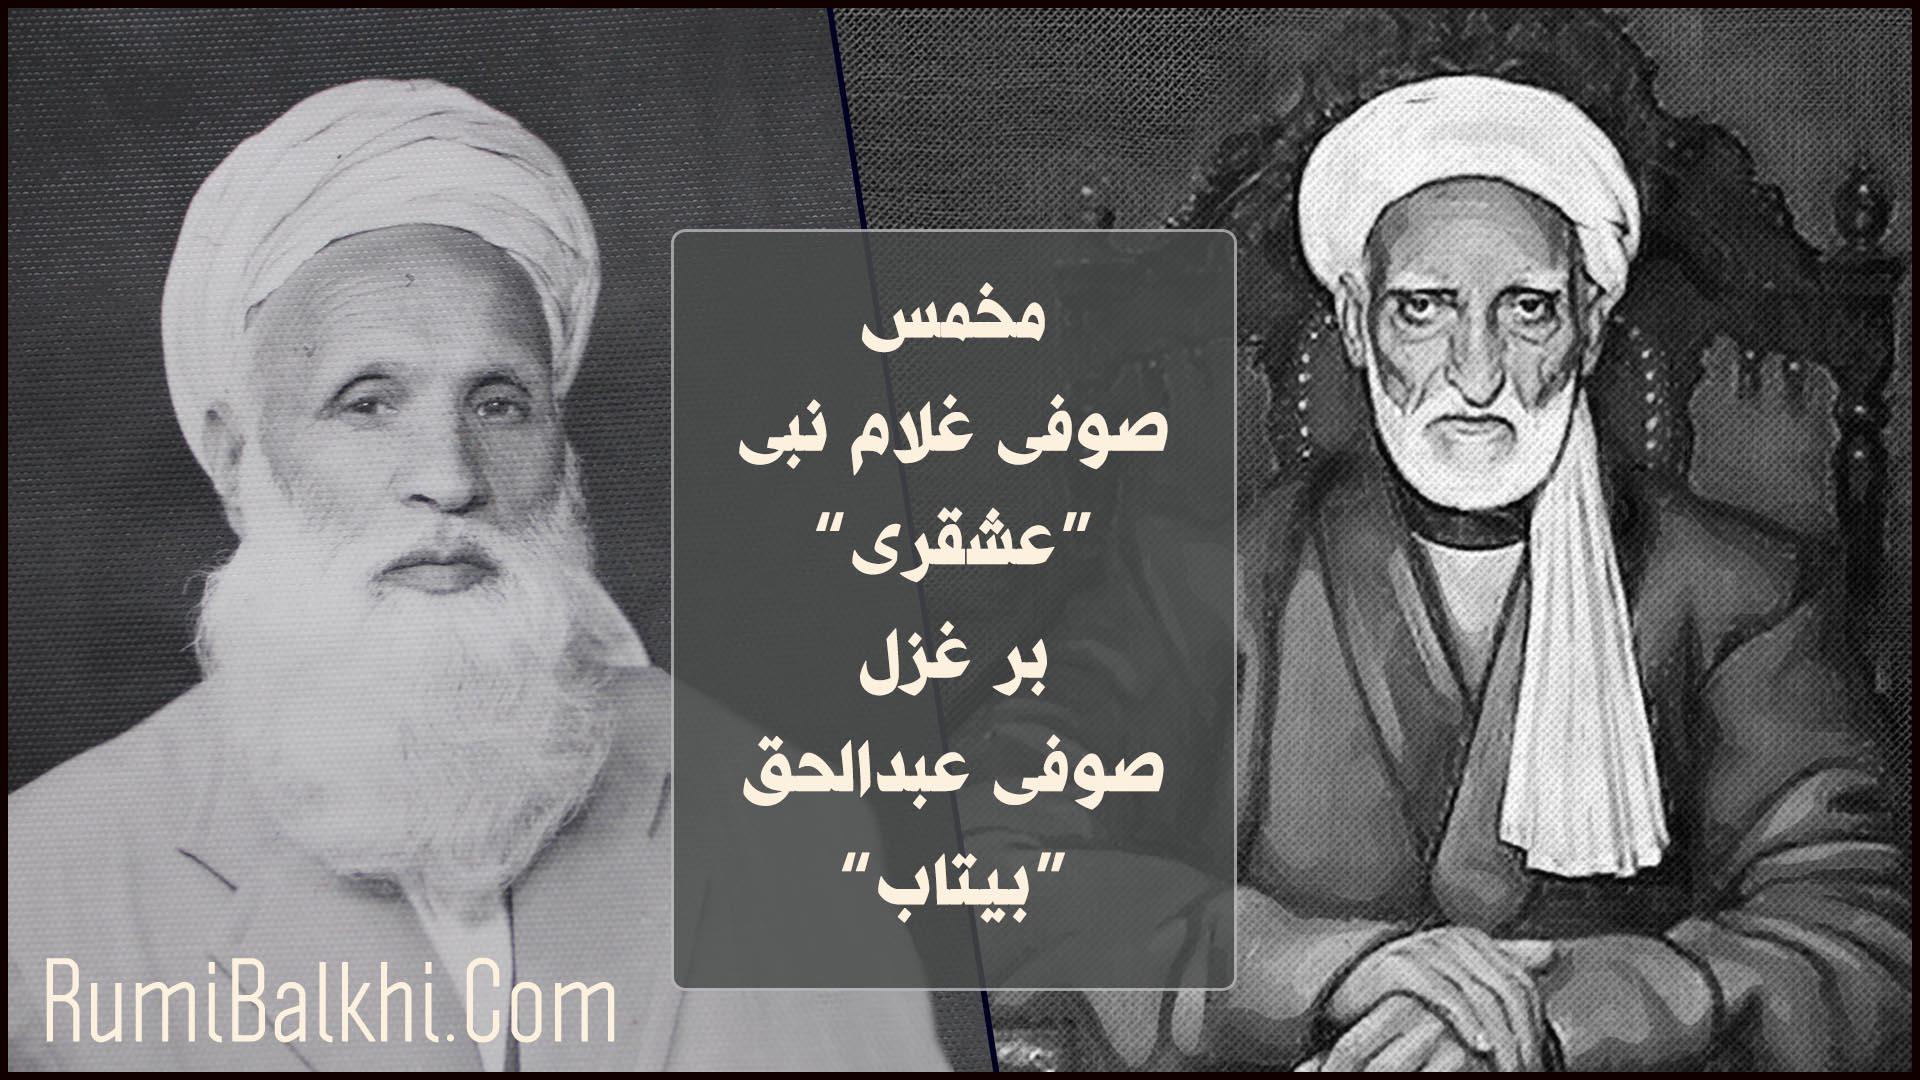 مخمس صوفی غلام نبی عشقری بر غزل صوفی عبدالحق بیتاب